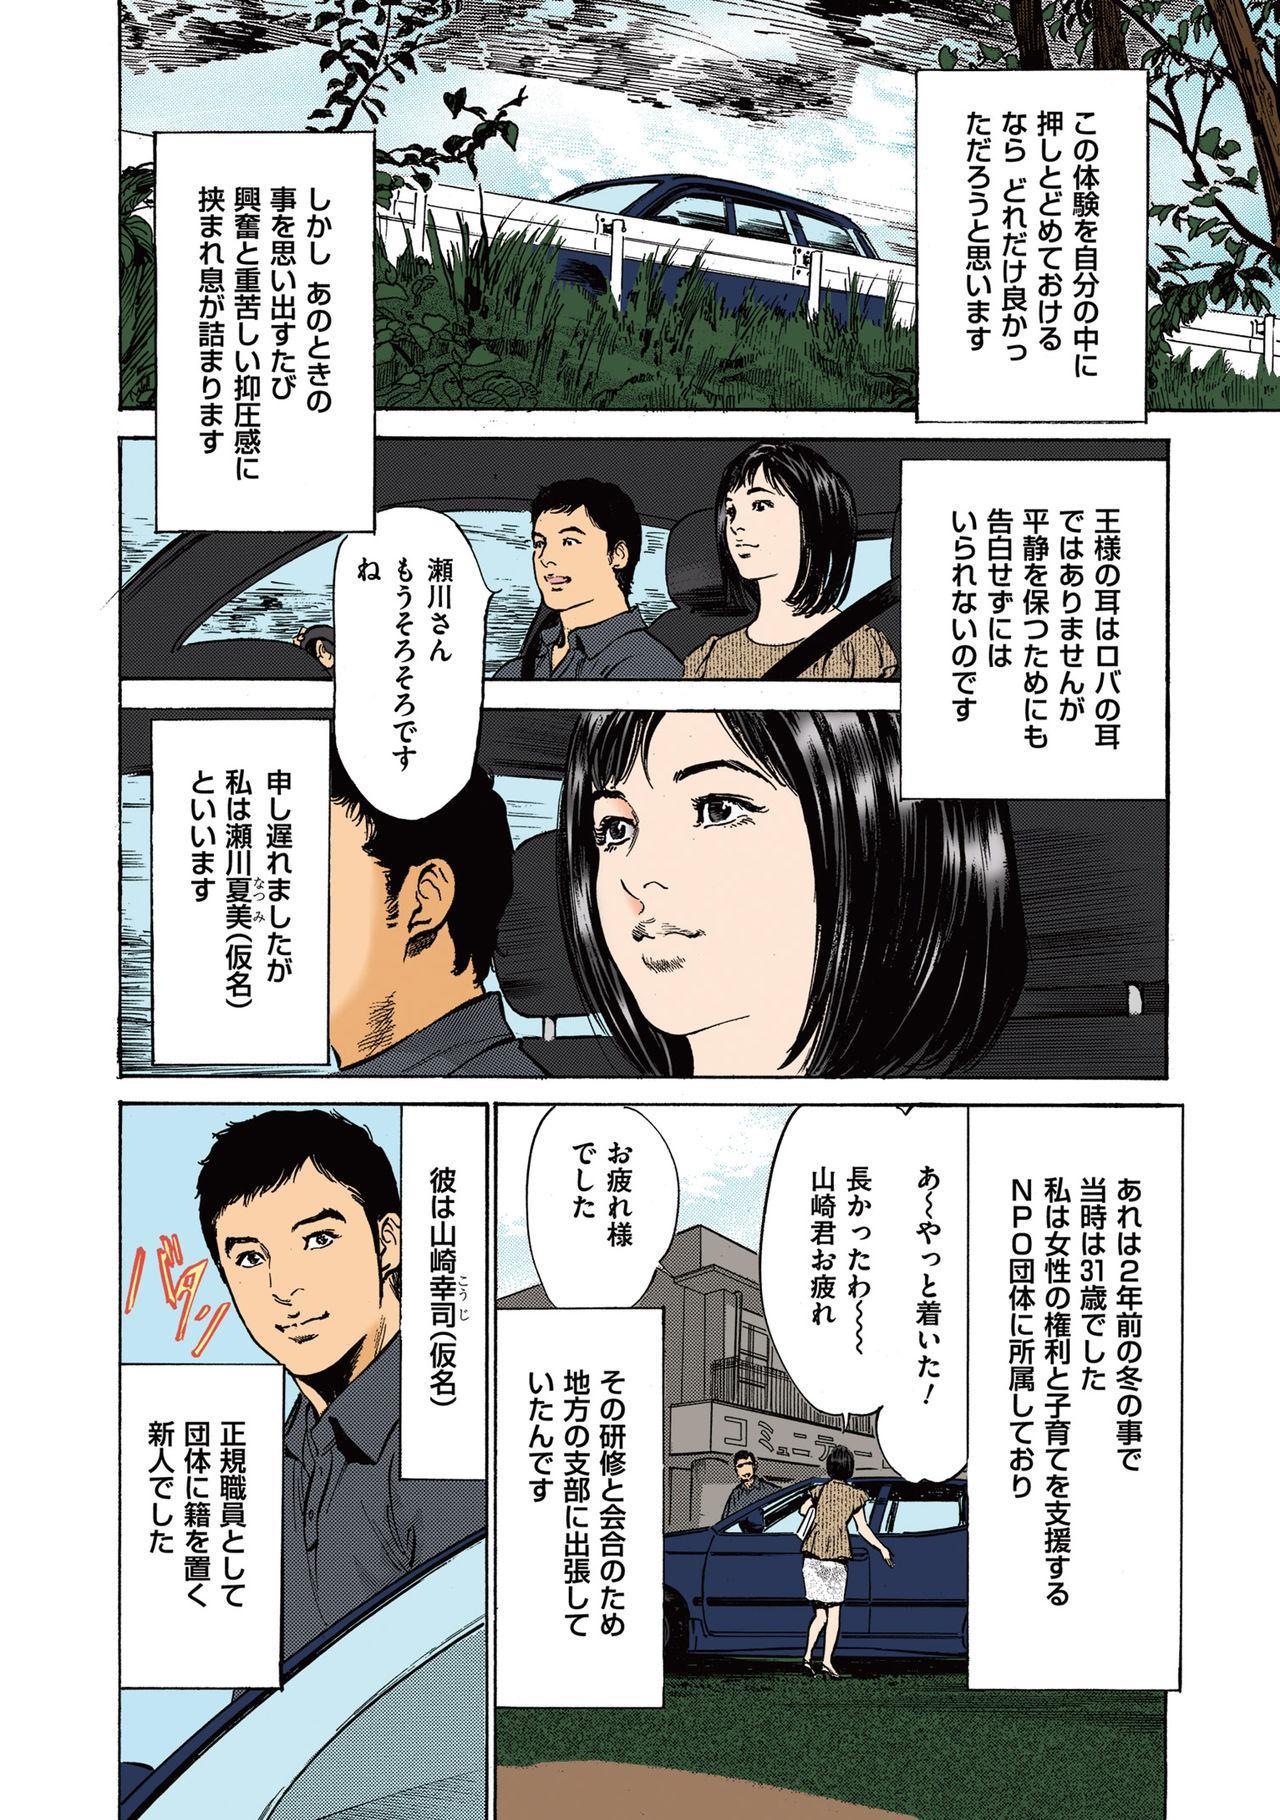 [Hazuki Kaoru] Hazuki Kaoru no Tamaranai Hanashi (Full Color Version) 2-1 85